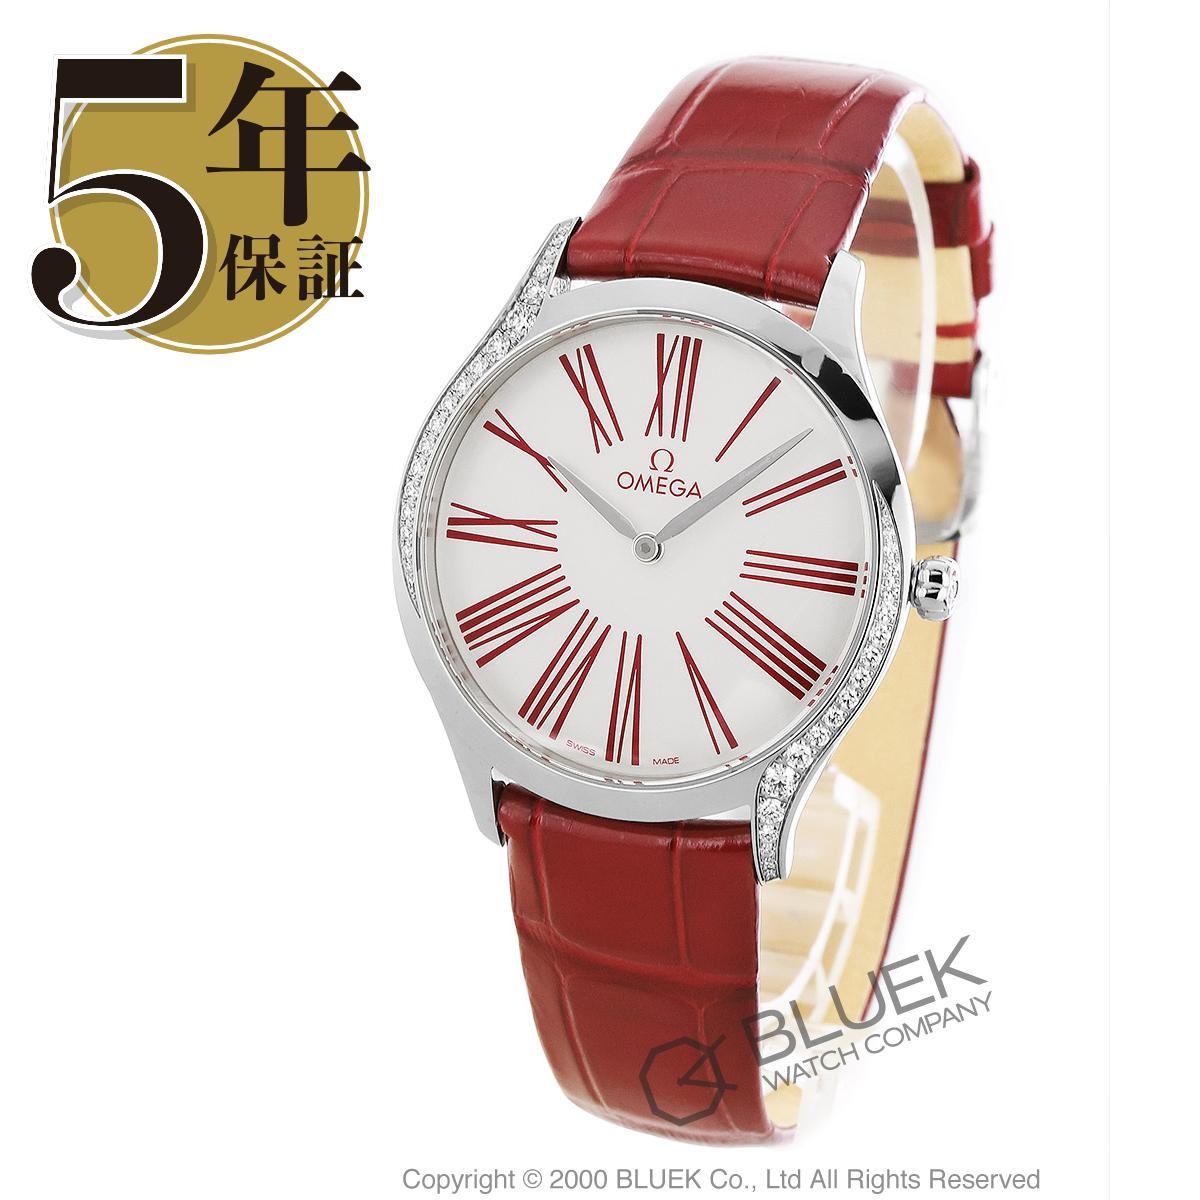 オメガ デビル トレゾア ダイヤ アリゲーターレザー 腕時計 レディース OMEGA 428.18.36.60.04.002_5